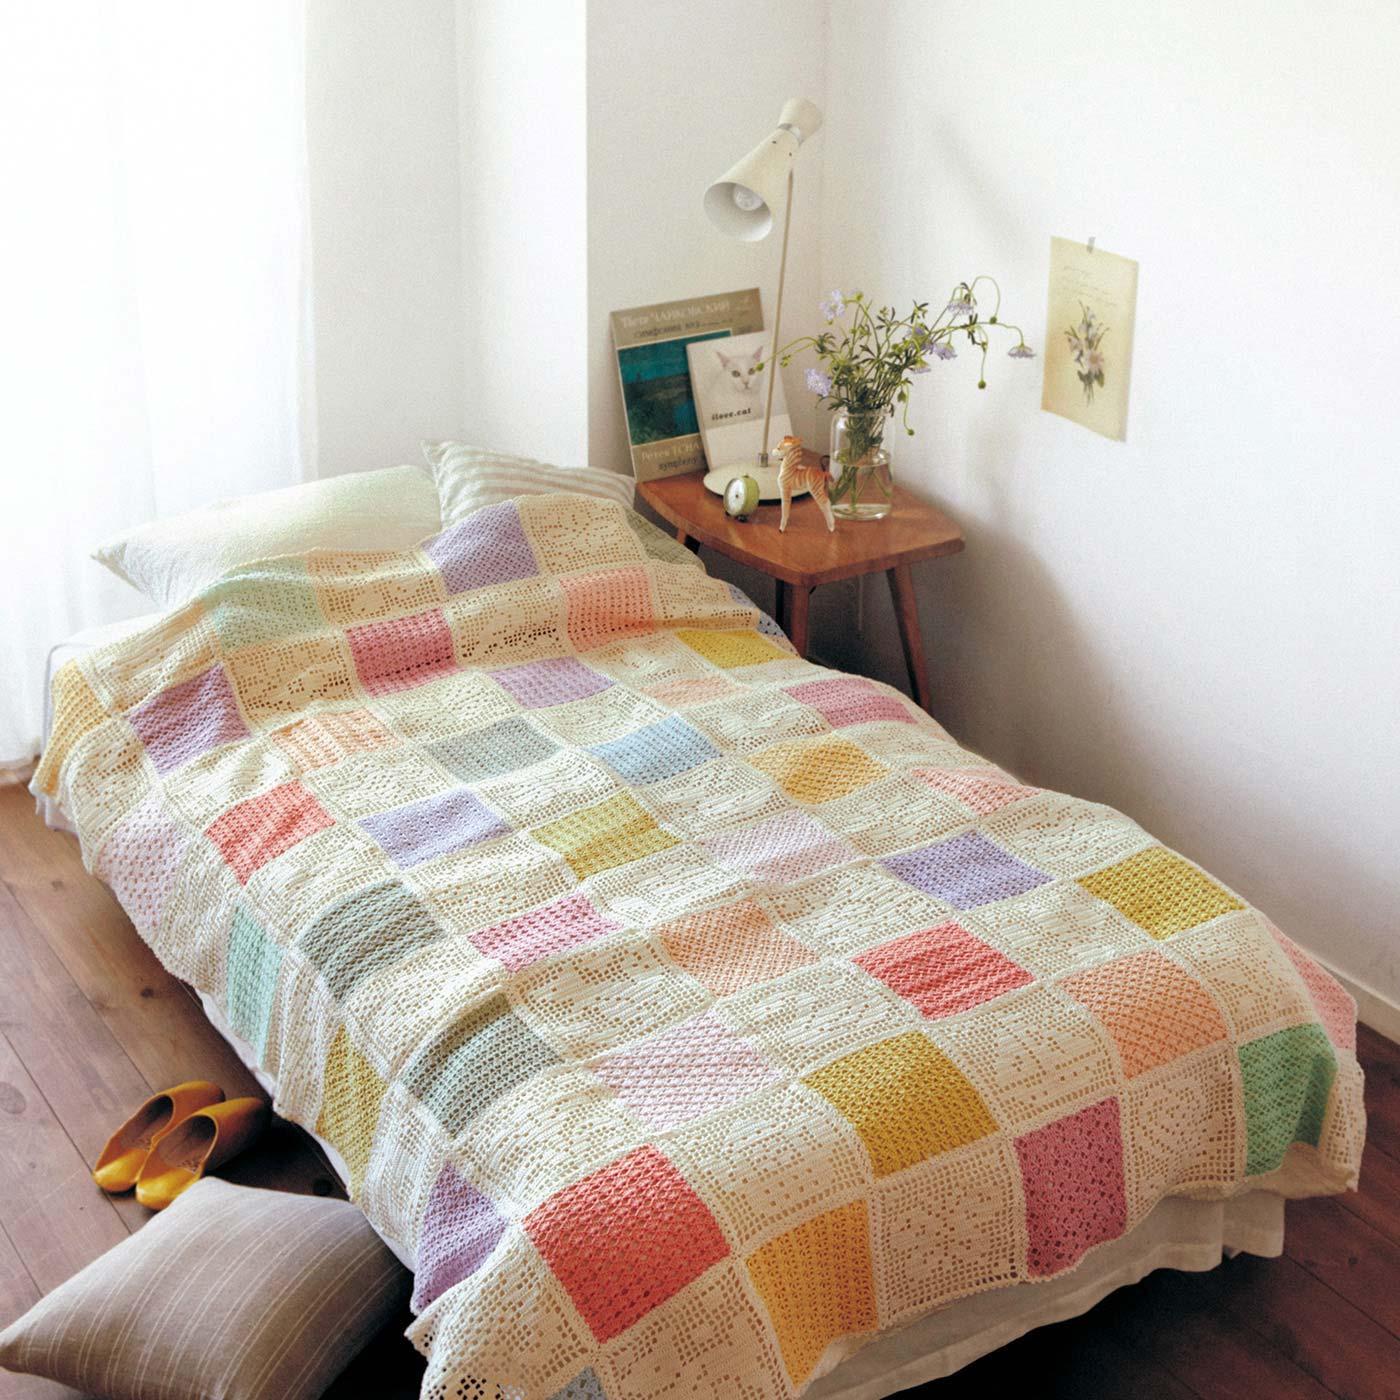 たくさん編みつなげれば、繊細なベッドカバーにも。